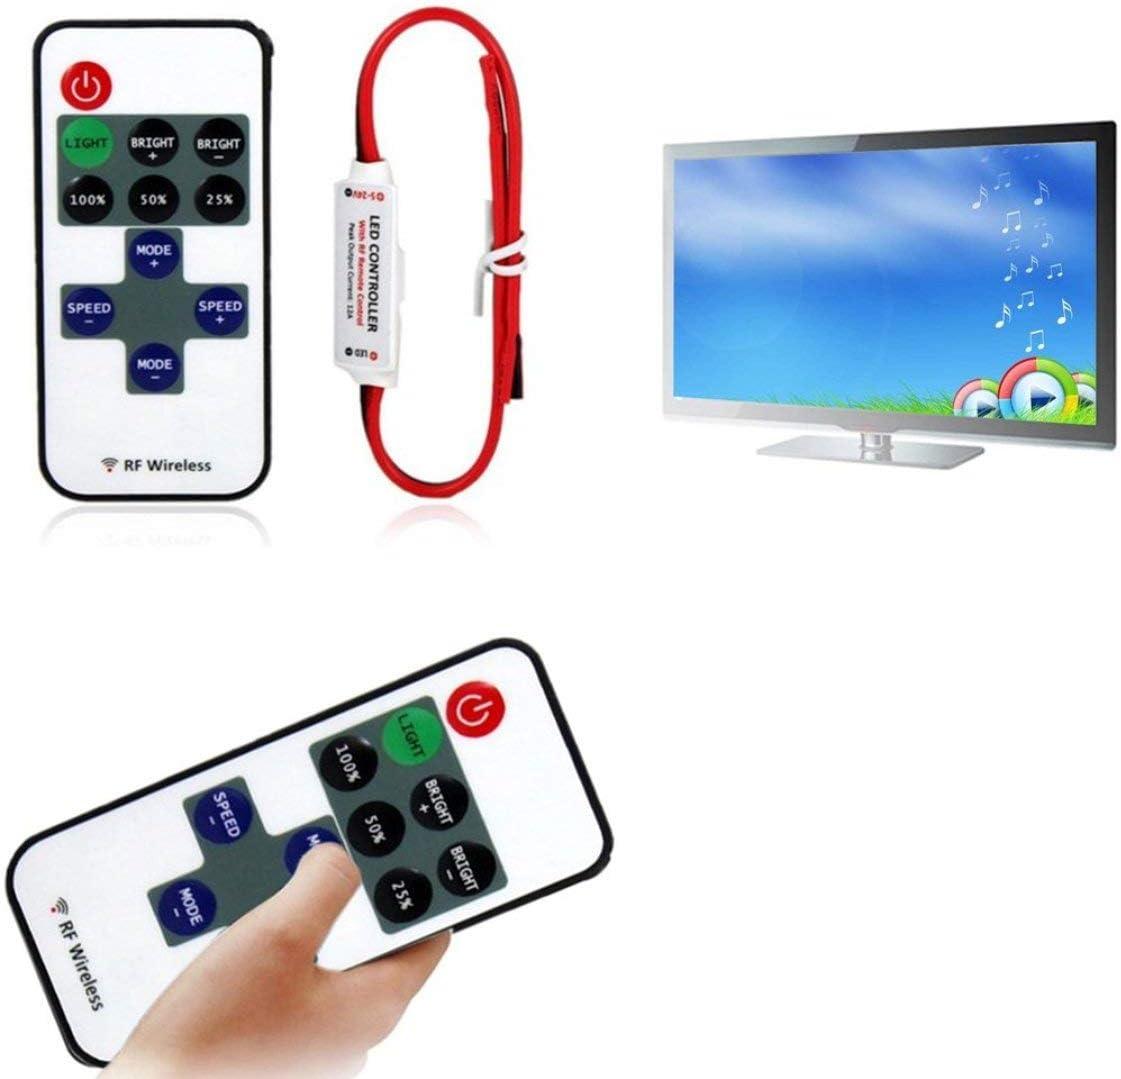 Blanco y negro 12V RF LED Strip Light Mini regulador de interruptor inal/ámbrico Dimmer con control remoto Mini controlador de luz LED en l/ínea//Dimmer